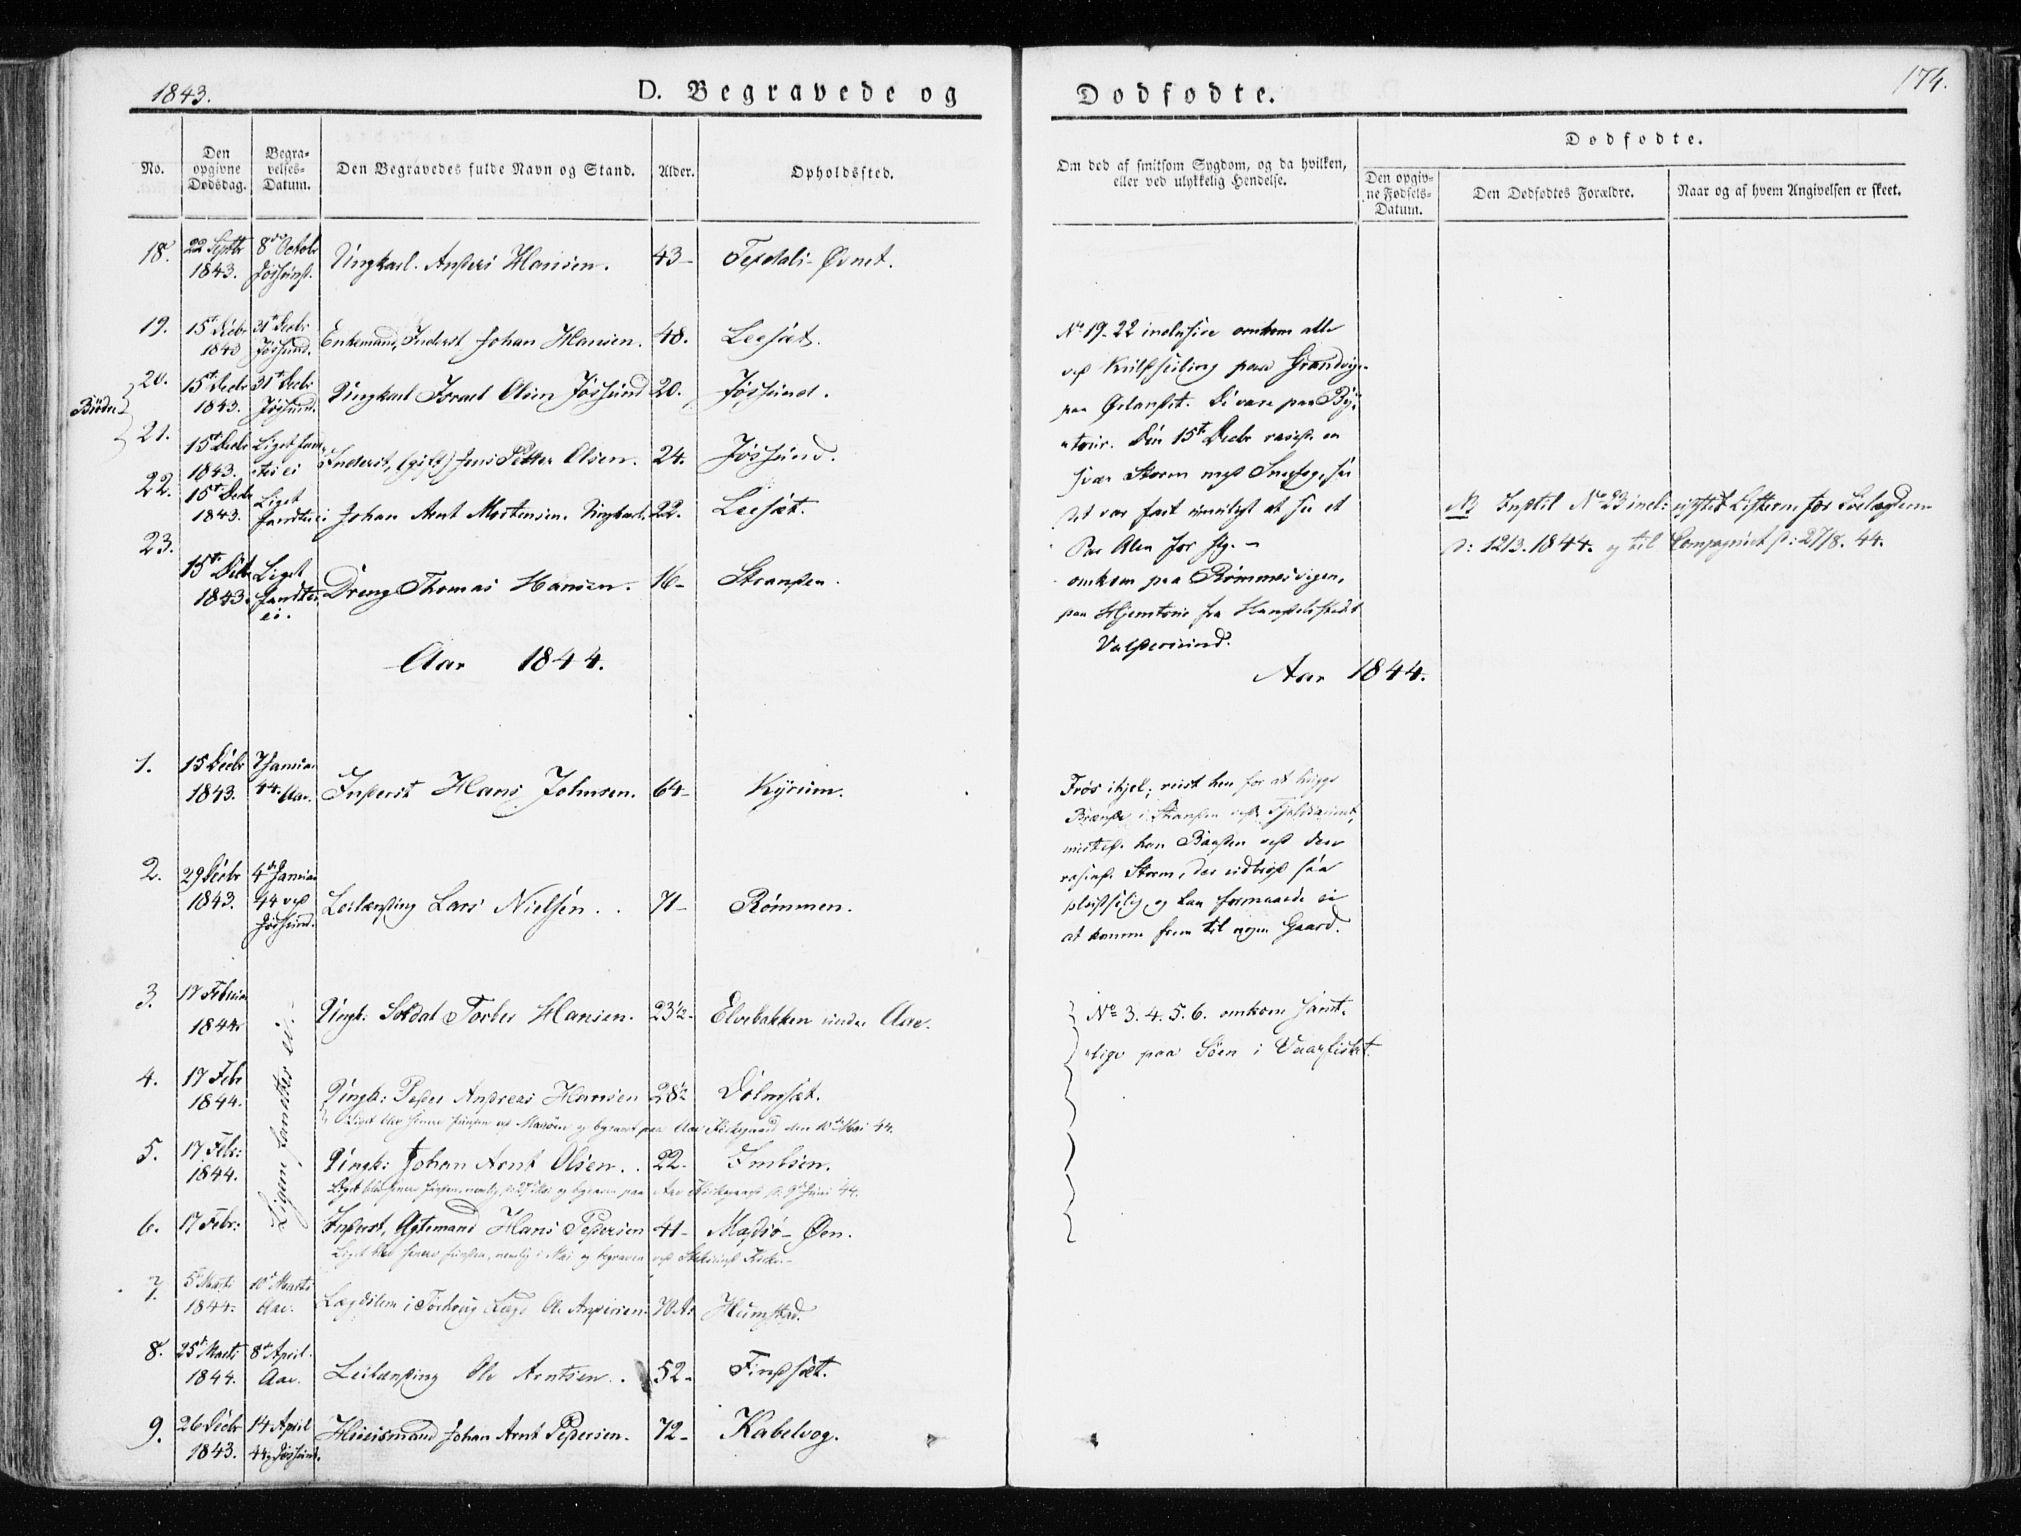 SAT, Ministerialprotokoller, klokkerbøker og fødselsregistre - Sør-Trøndelag, 655/L0676: Ministerialbok nr. 655A05, 1830-1847, s. 174